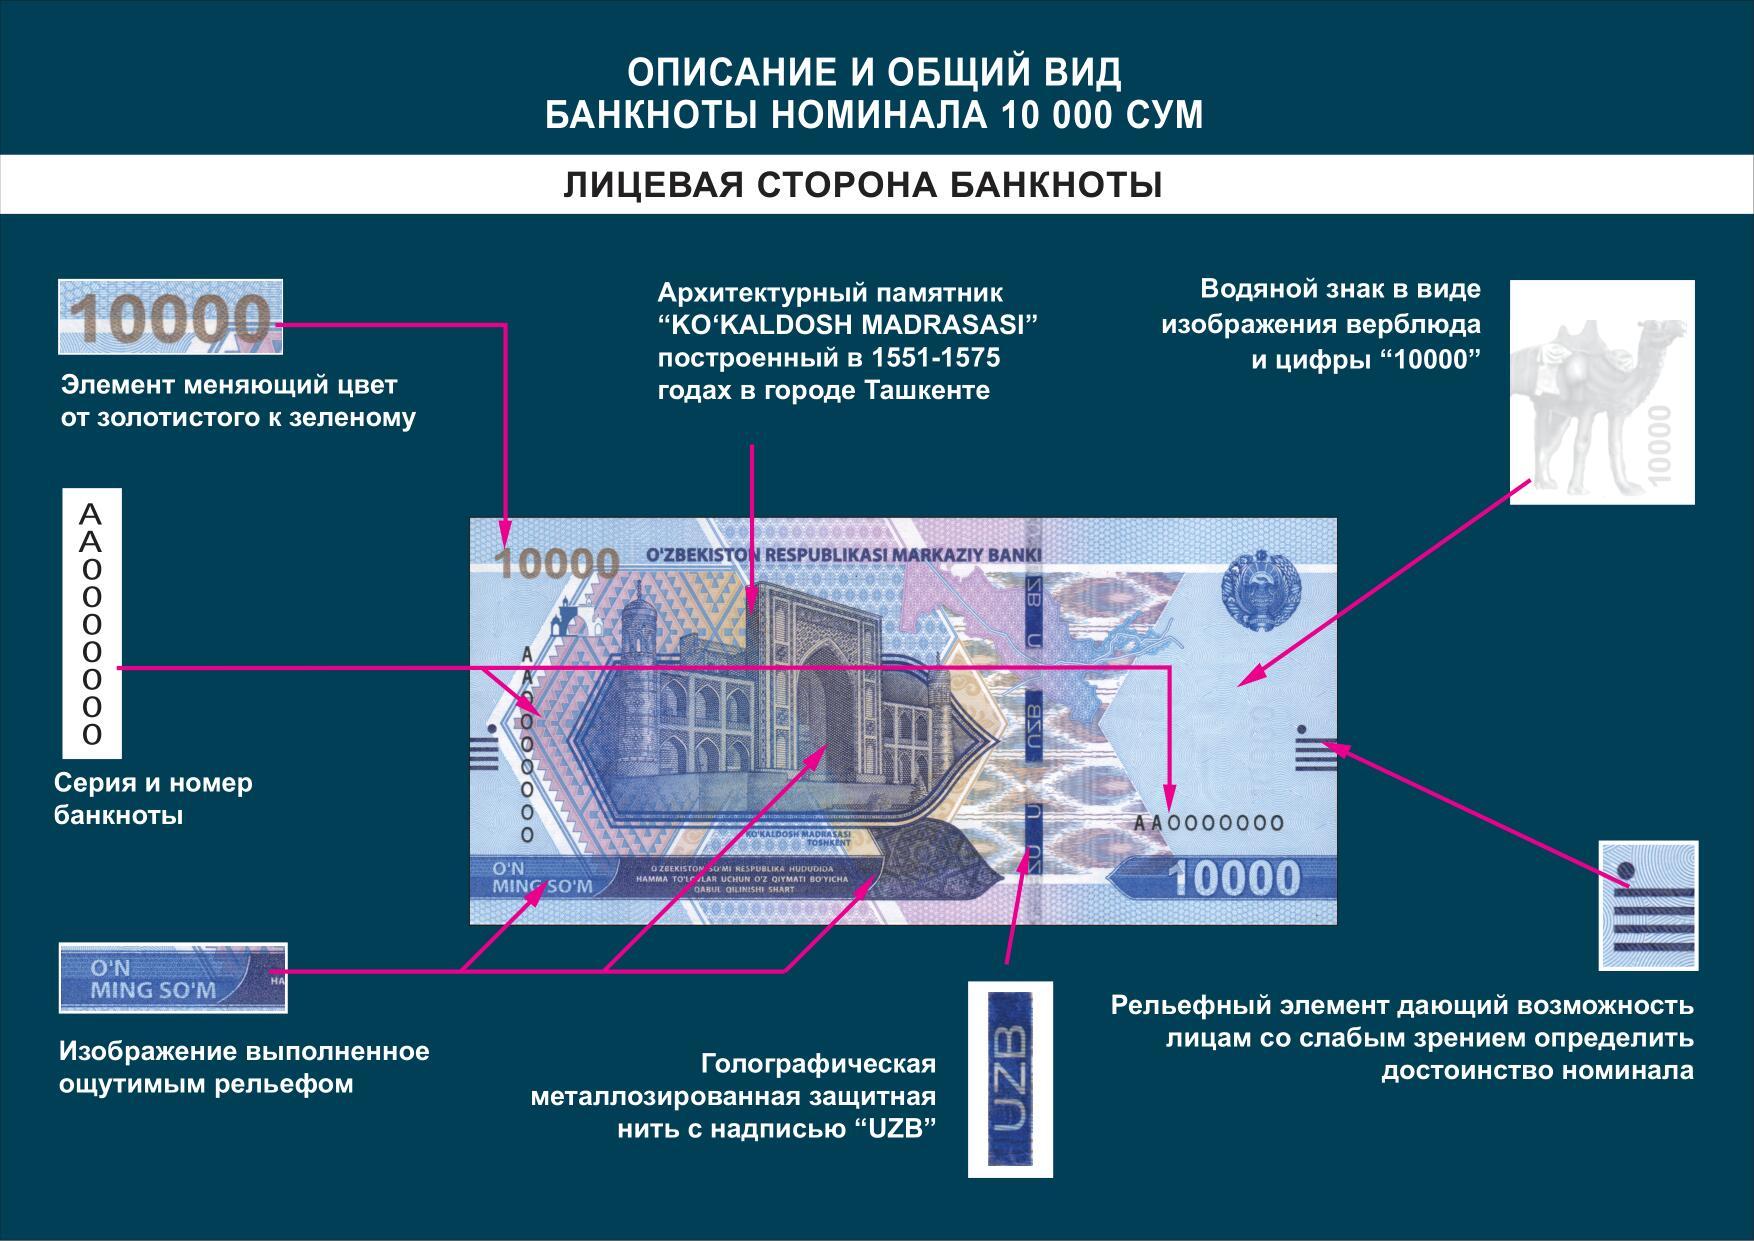 Узбекистан банкнота 10 000 сум 2021 год выпуска, лицевая сторона